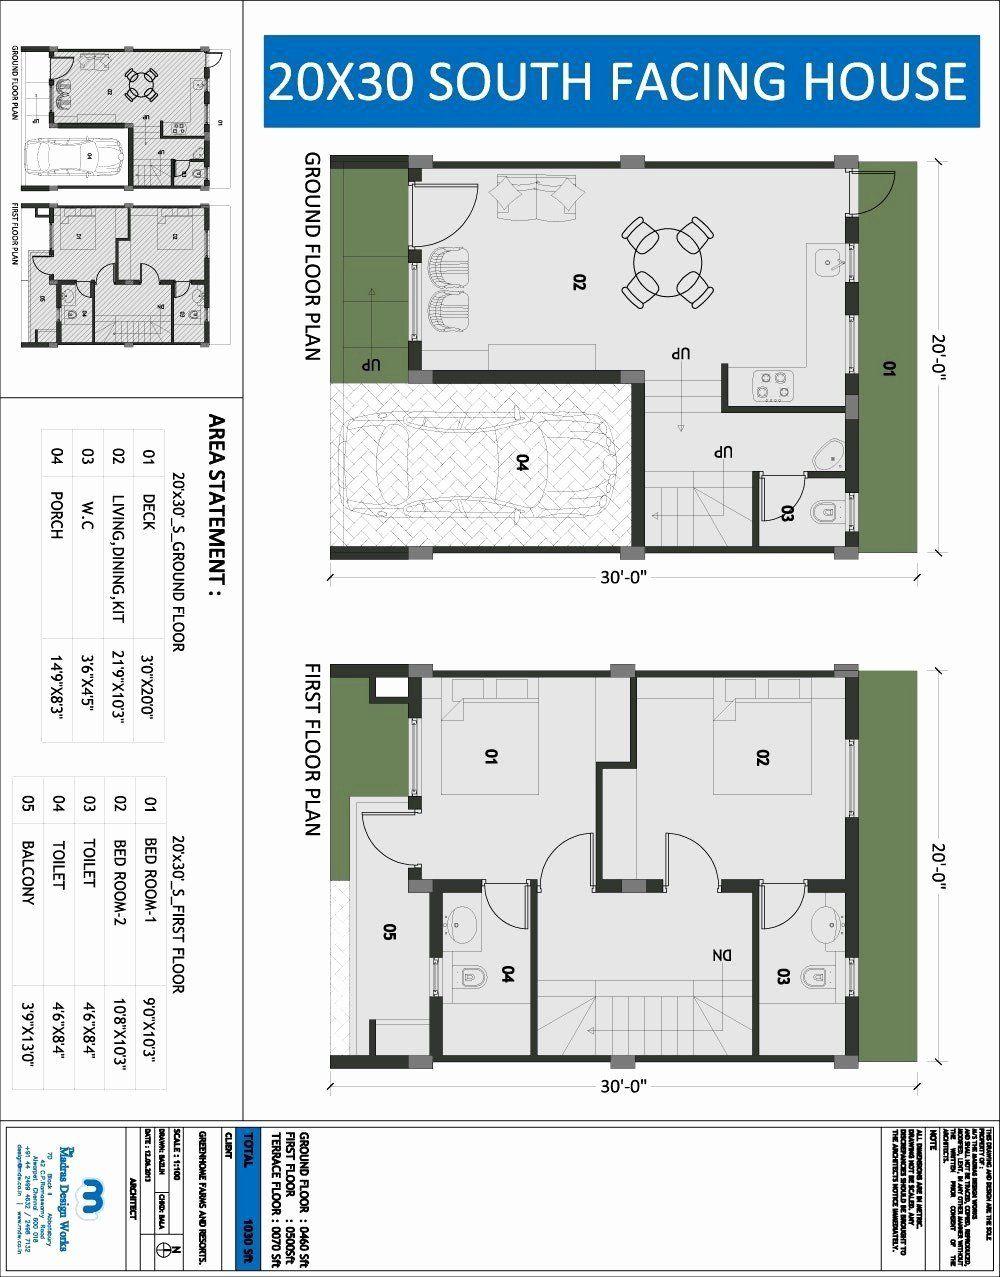 10 X 20 House Plans Awesome 20x20 House Plans 20x20 Duplex 20x20h1 683 Sq Ft Excellent Bathroom Floor Plans Bungalow Floor Plans Bedroom House Plans